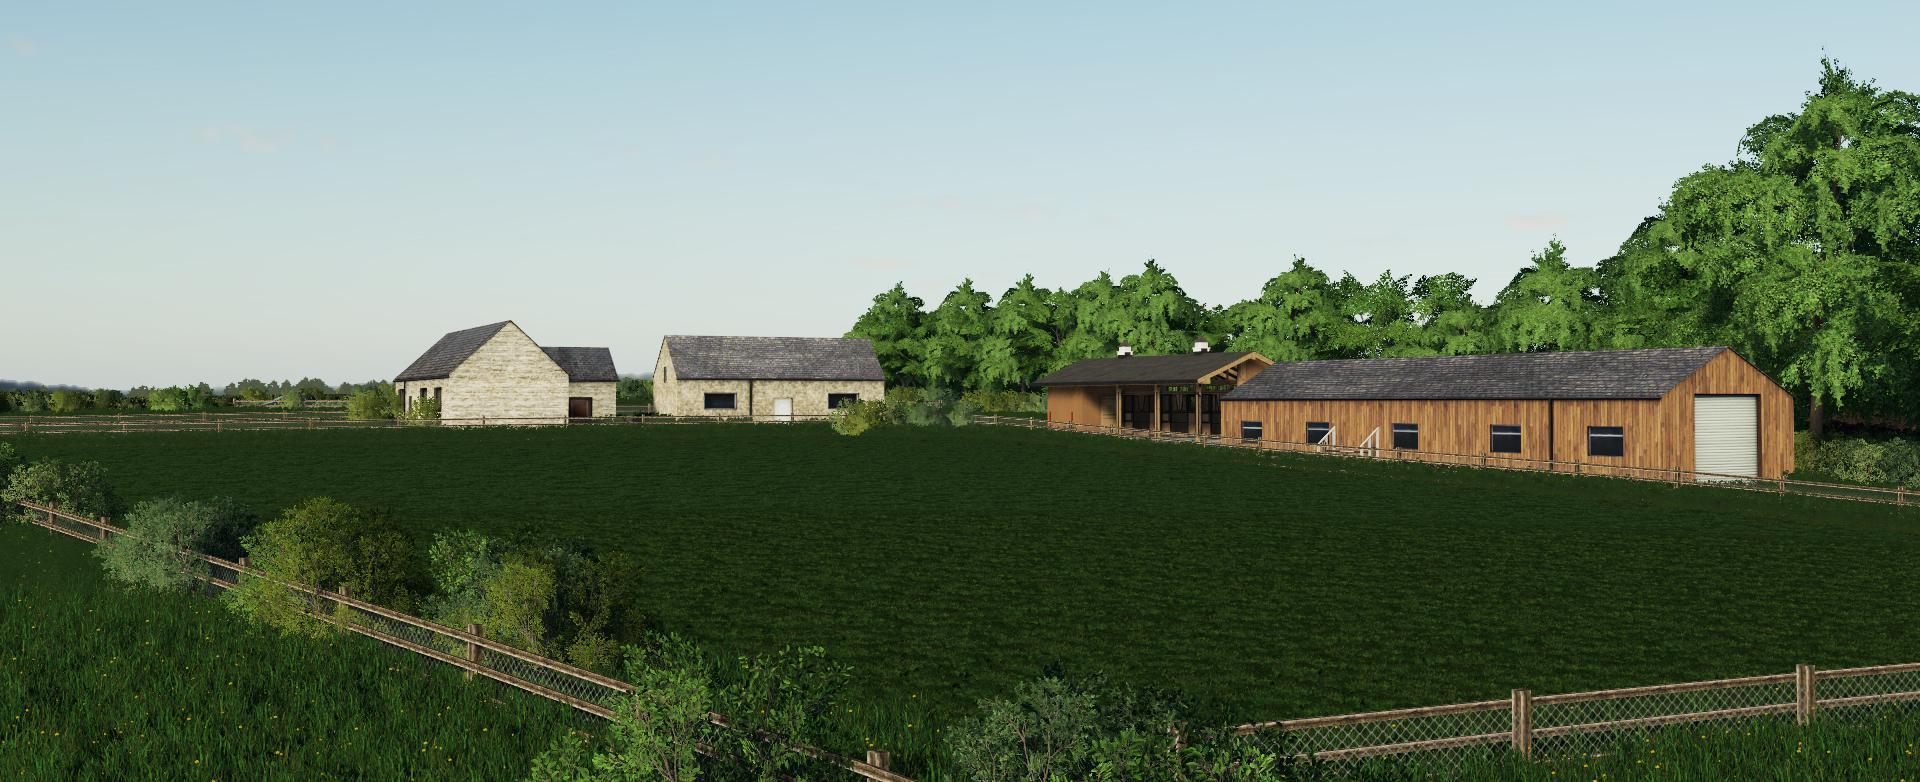 Sutton Farm v 1.0